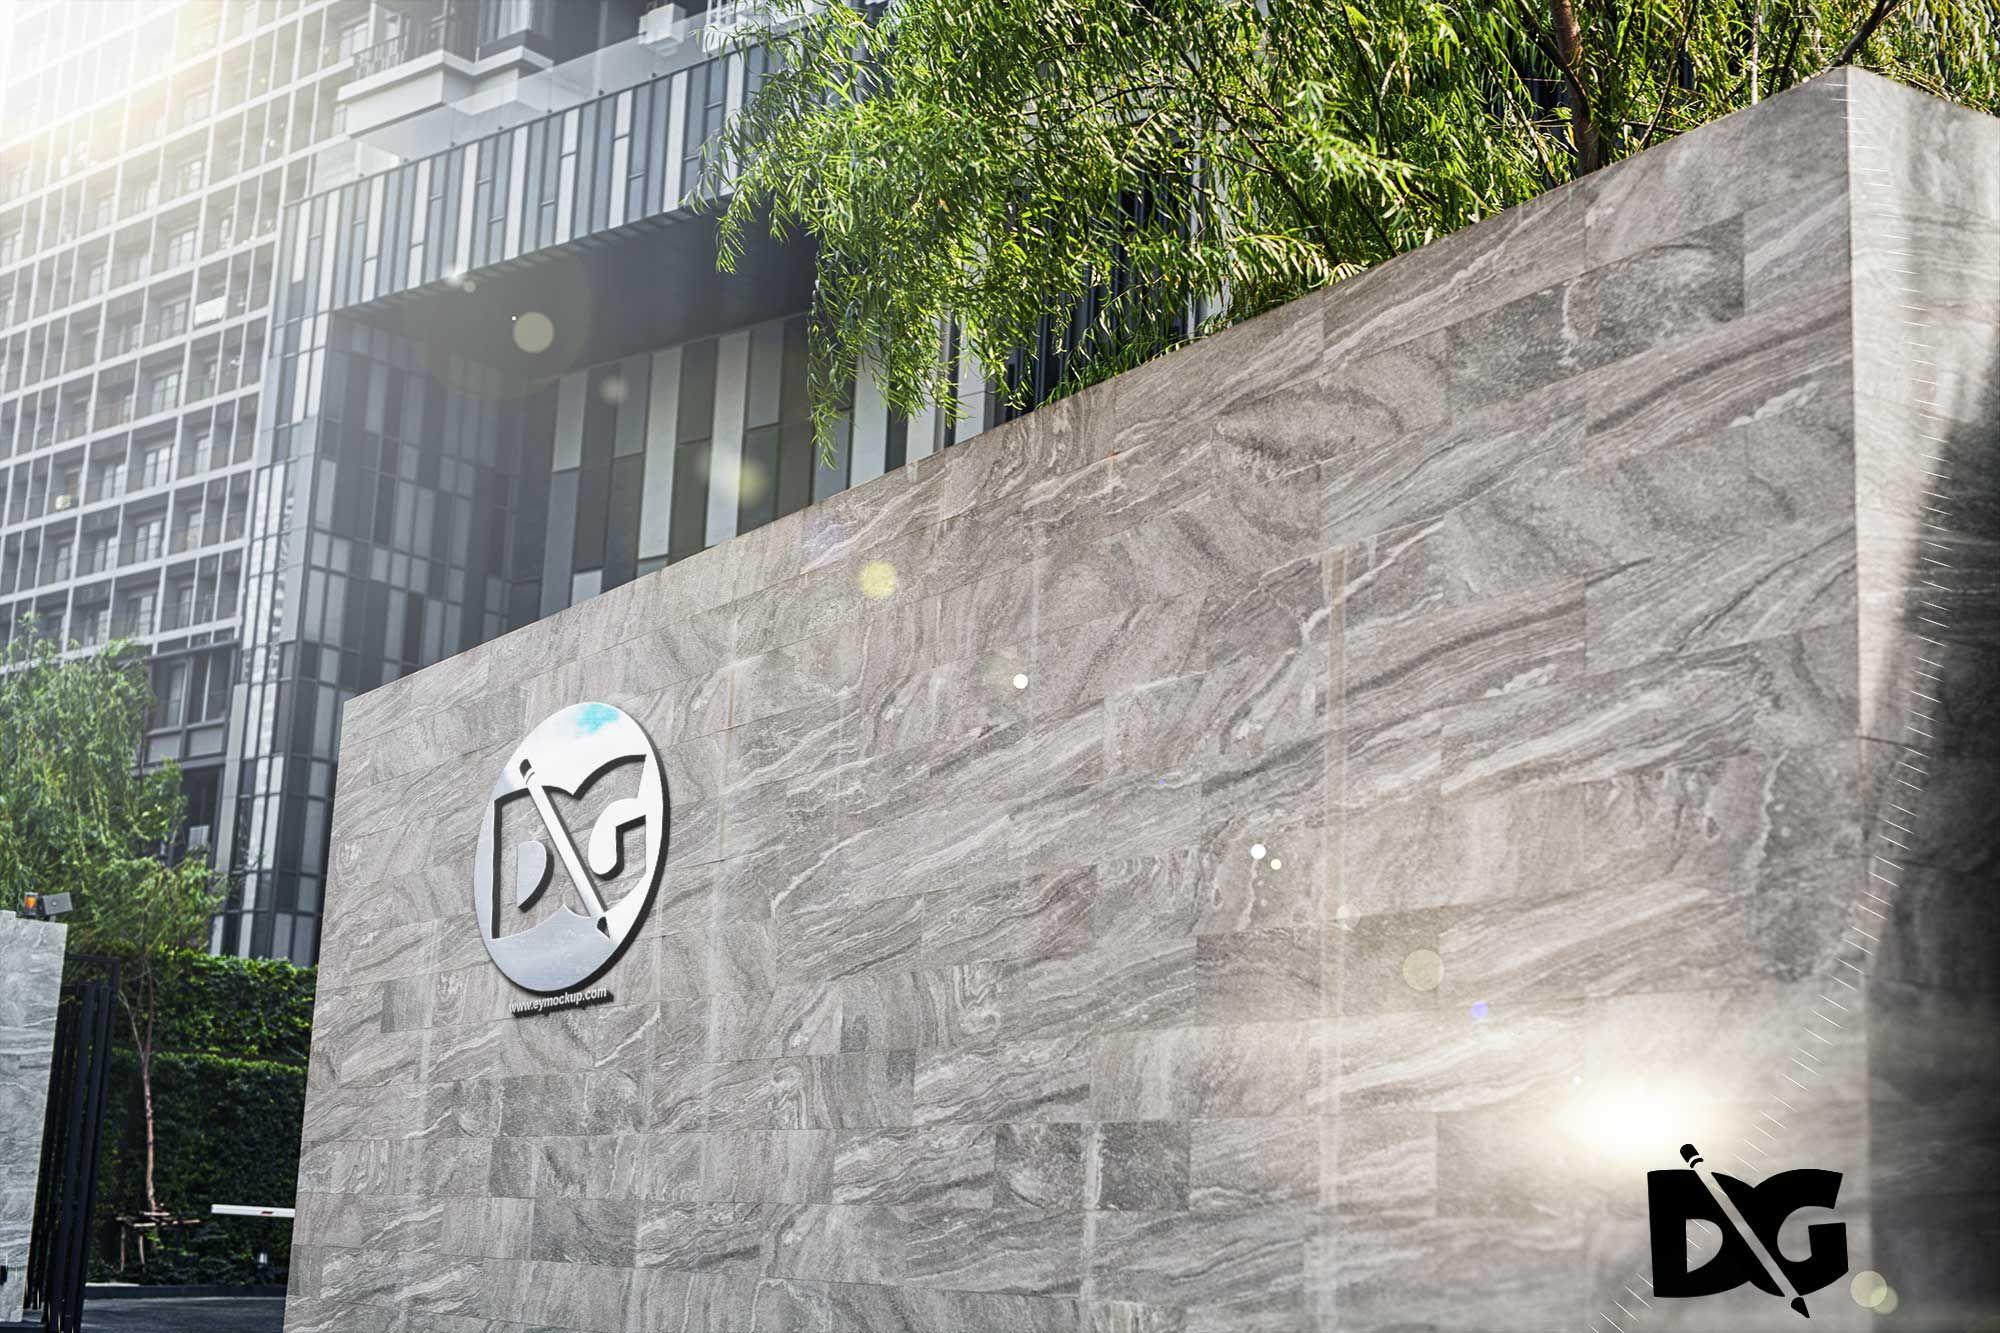 Download 3D Wall Logo Mockup in 2020 Wall logo, Mockup